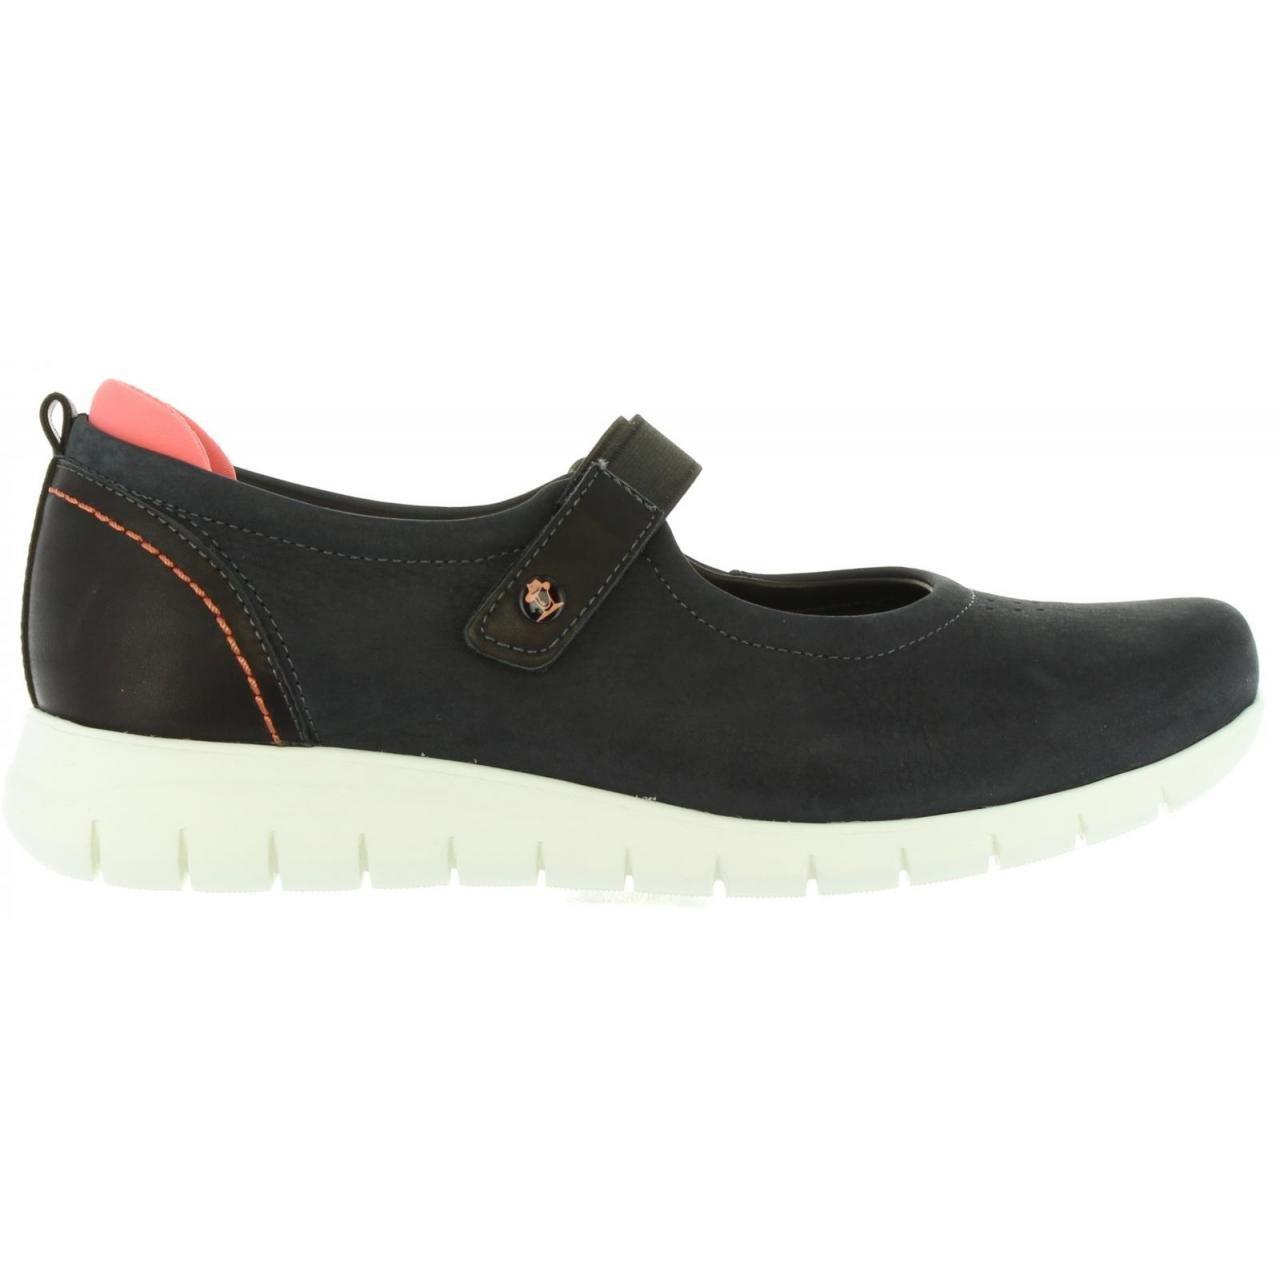 Zapatos de Mujer PANAMA JACK Belly Basics B1 Nobuck Negro: Amazon.es: Zapatos y complementos